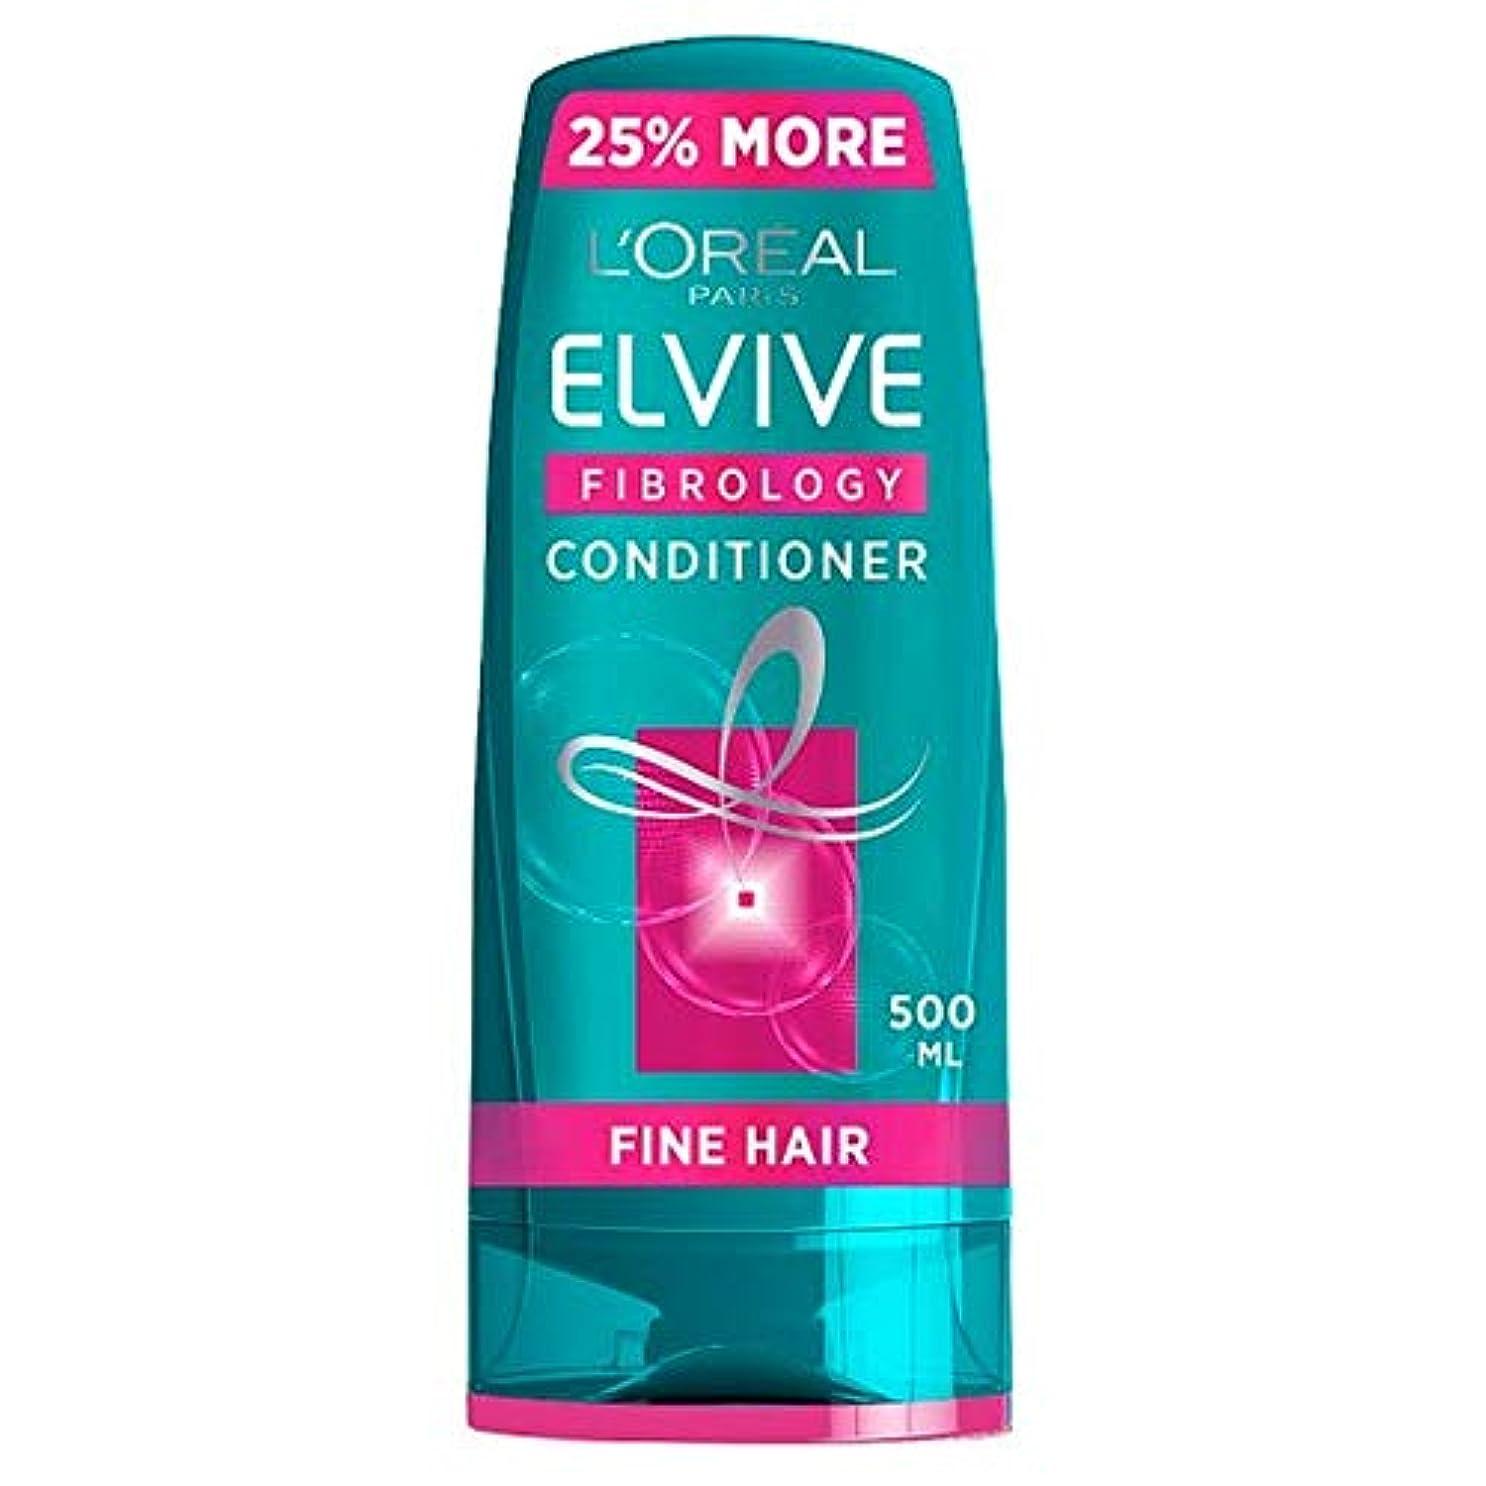 揮発性法令シャイ[Elvive] ロレアルElvive Fibroligy細いヘアコンディショナー500ミリリットル - L'oreal Elvive Fibroligy Fine Hair Conditioner 500Ml [並行輸入品]